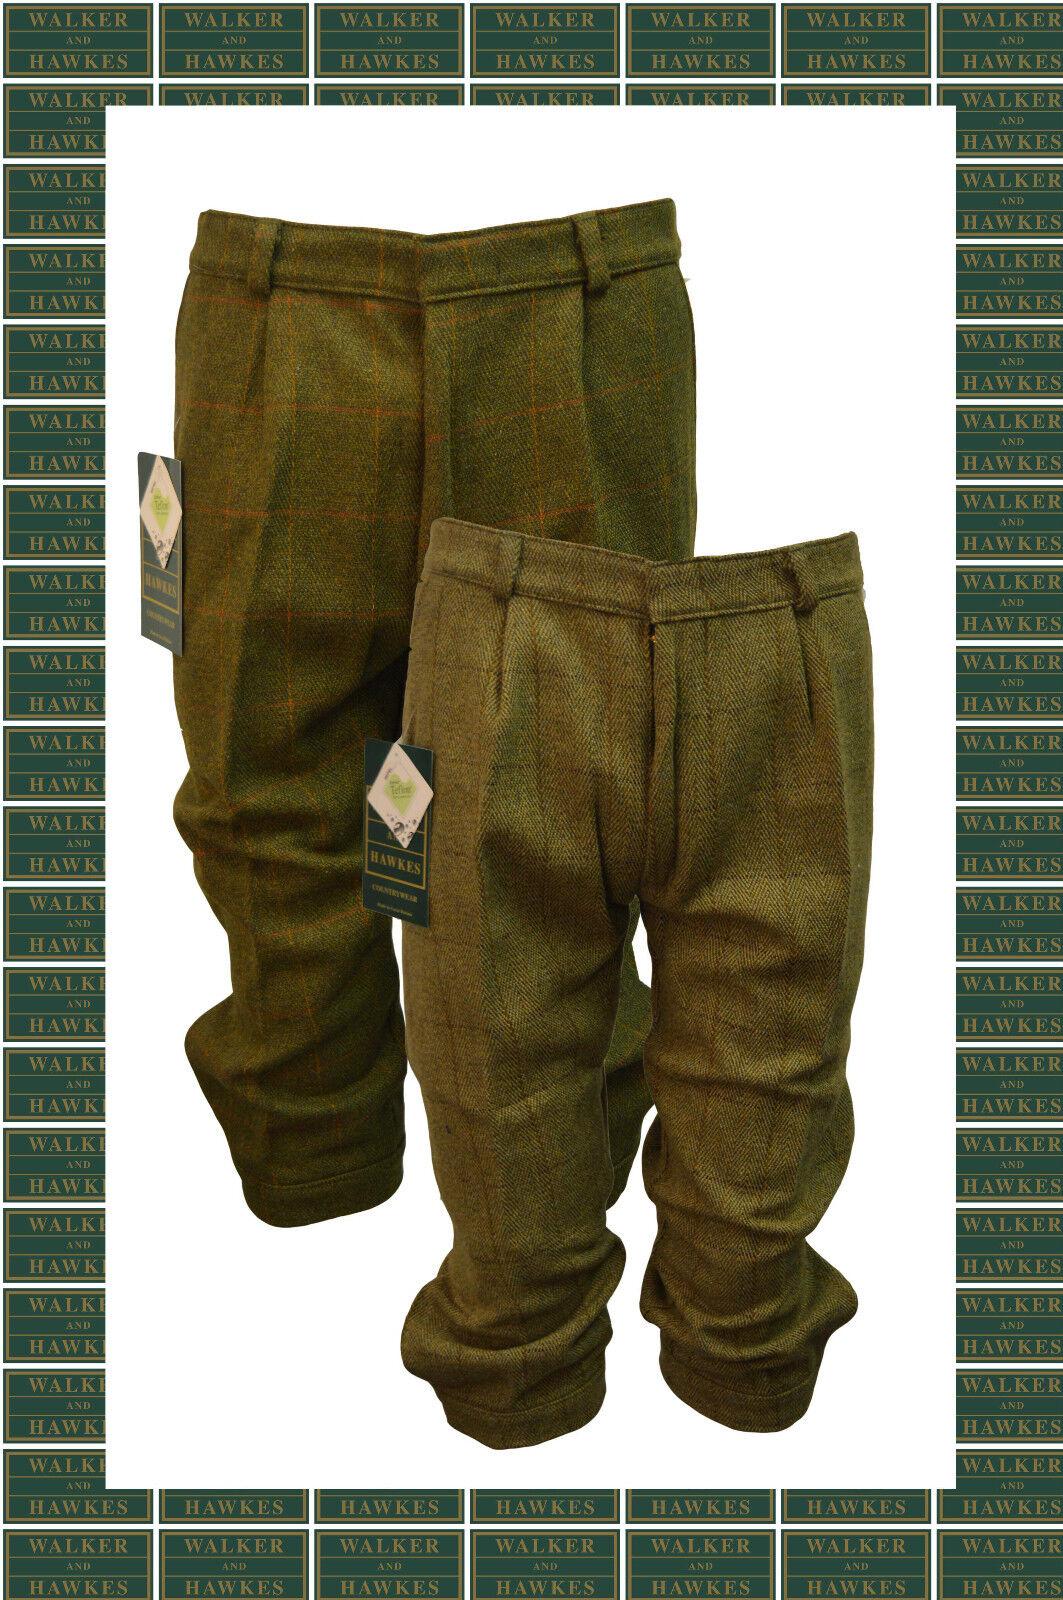 Walker and Hawkes - Kids Derby Tweed Shooting Hunting Plus FOURS Breeks Trousers